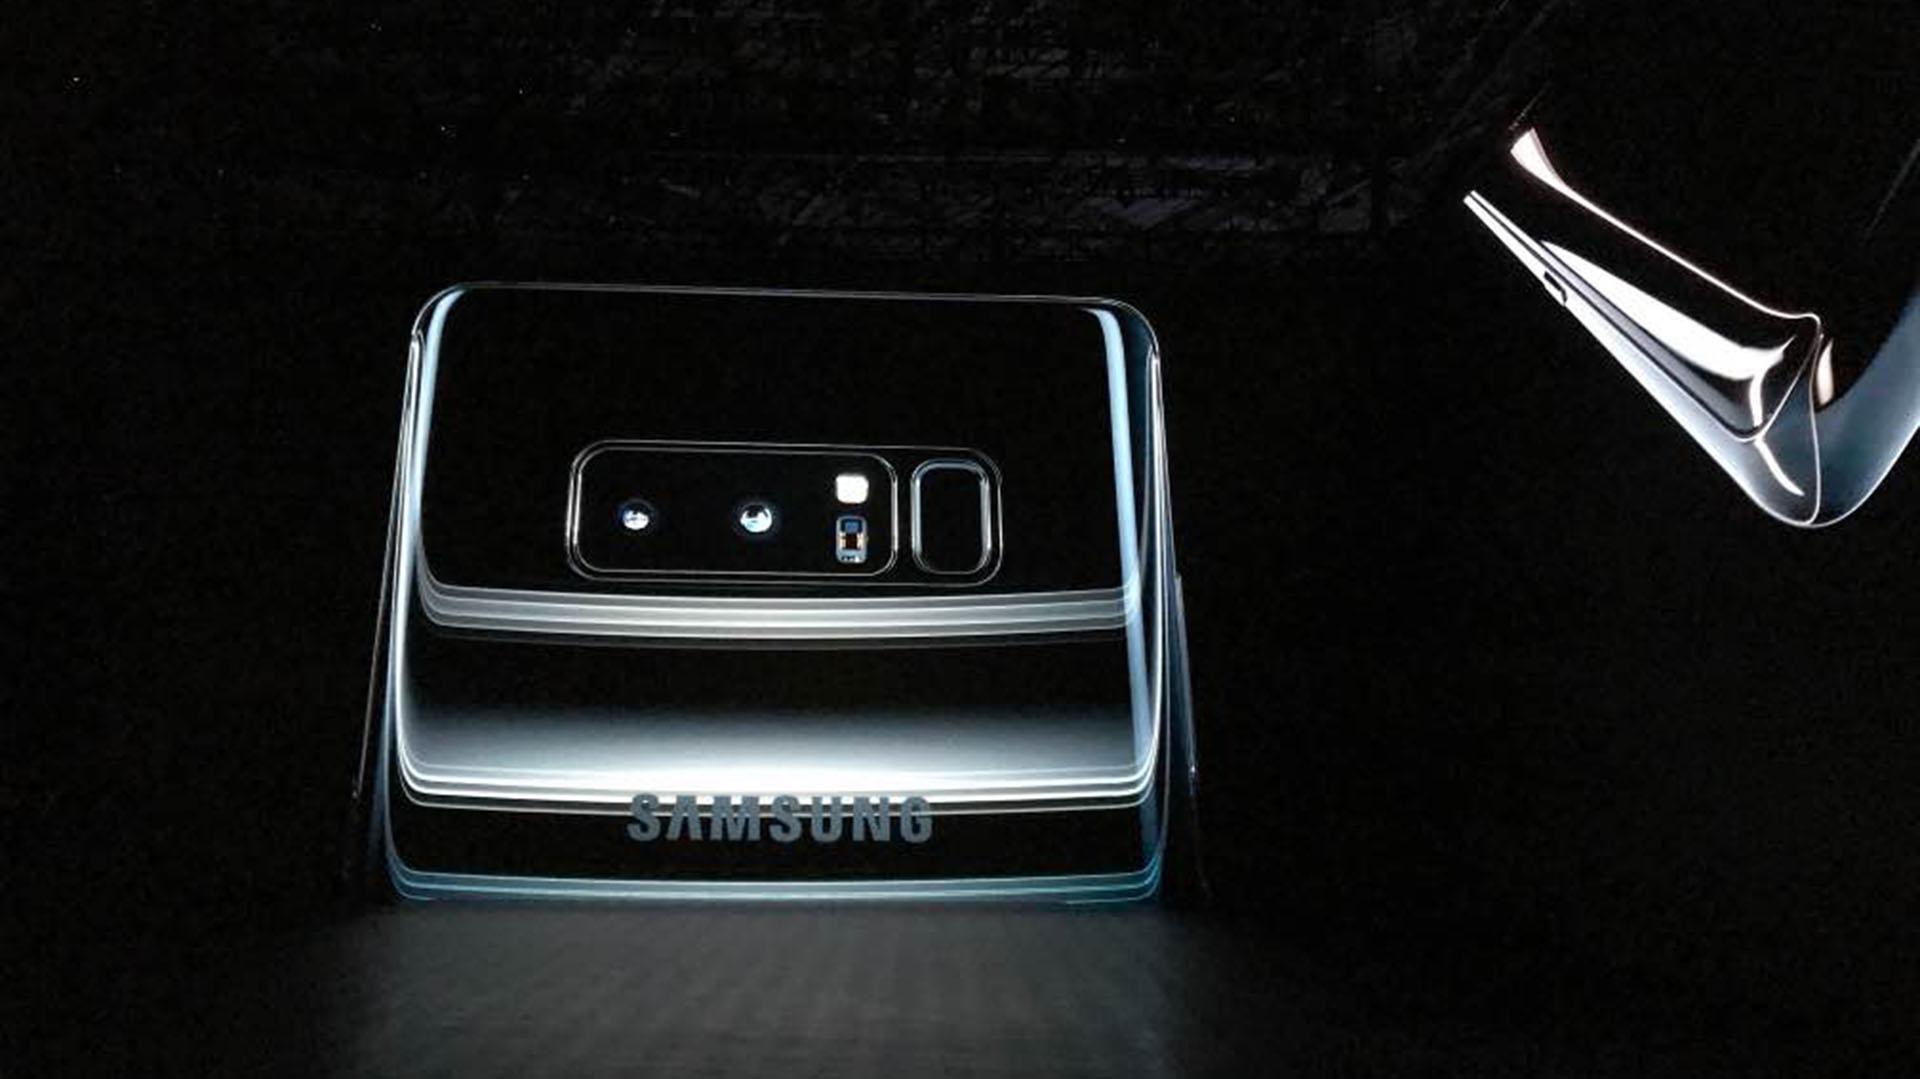 La doble cámara del Galaxy Note 8 de Samsung